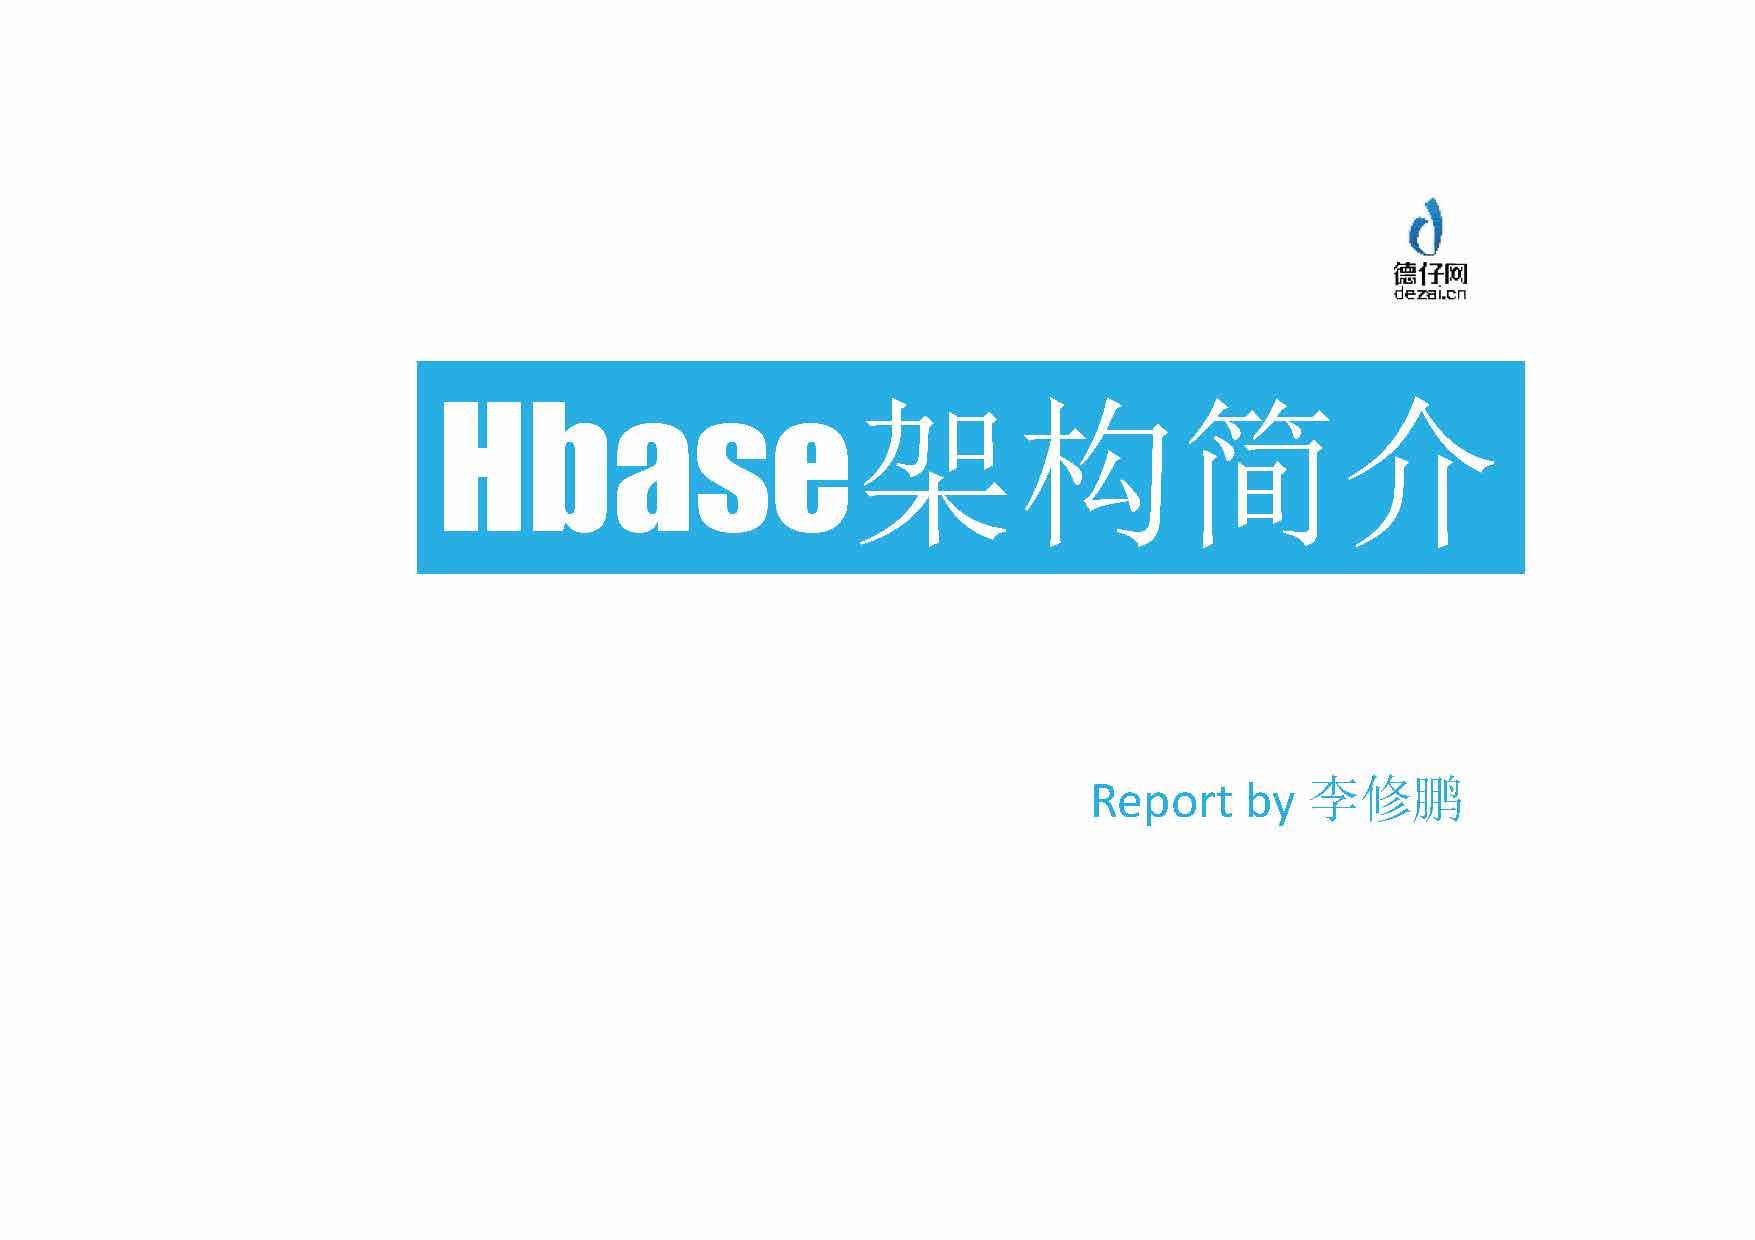 李修鹏-Hbase架构简介